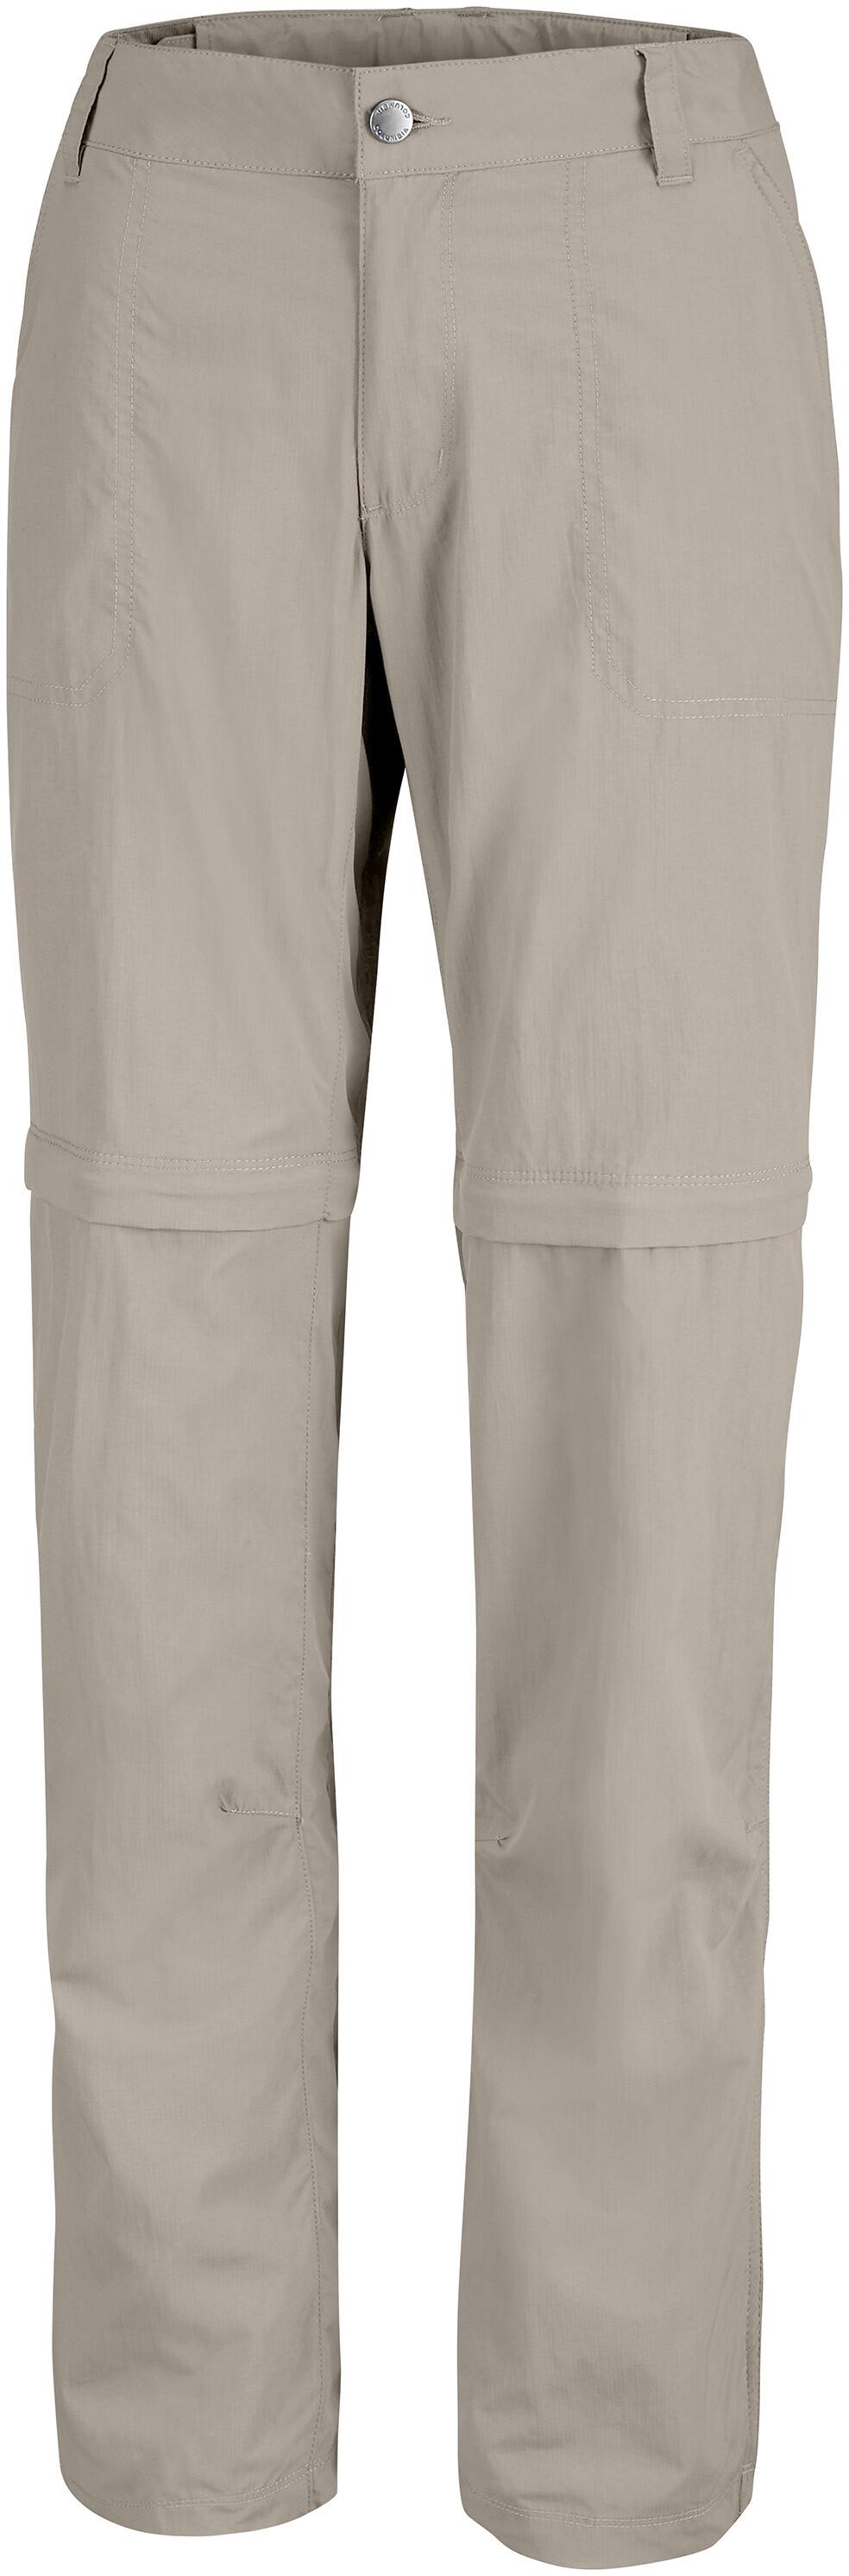 Columbia Silver Ridge 2 0 Convertible Pantalones Mujer Tusk Campz Es